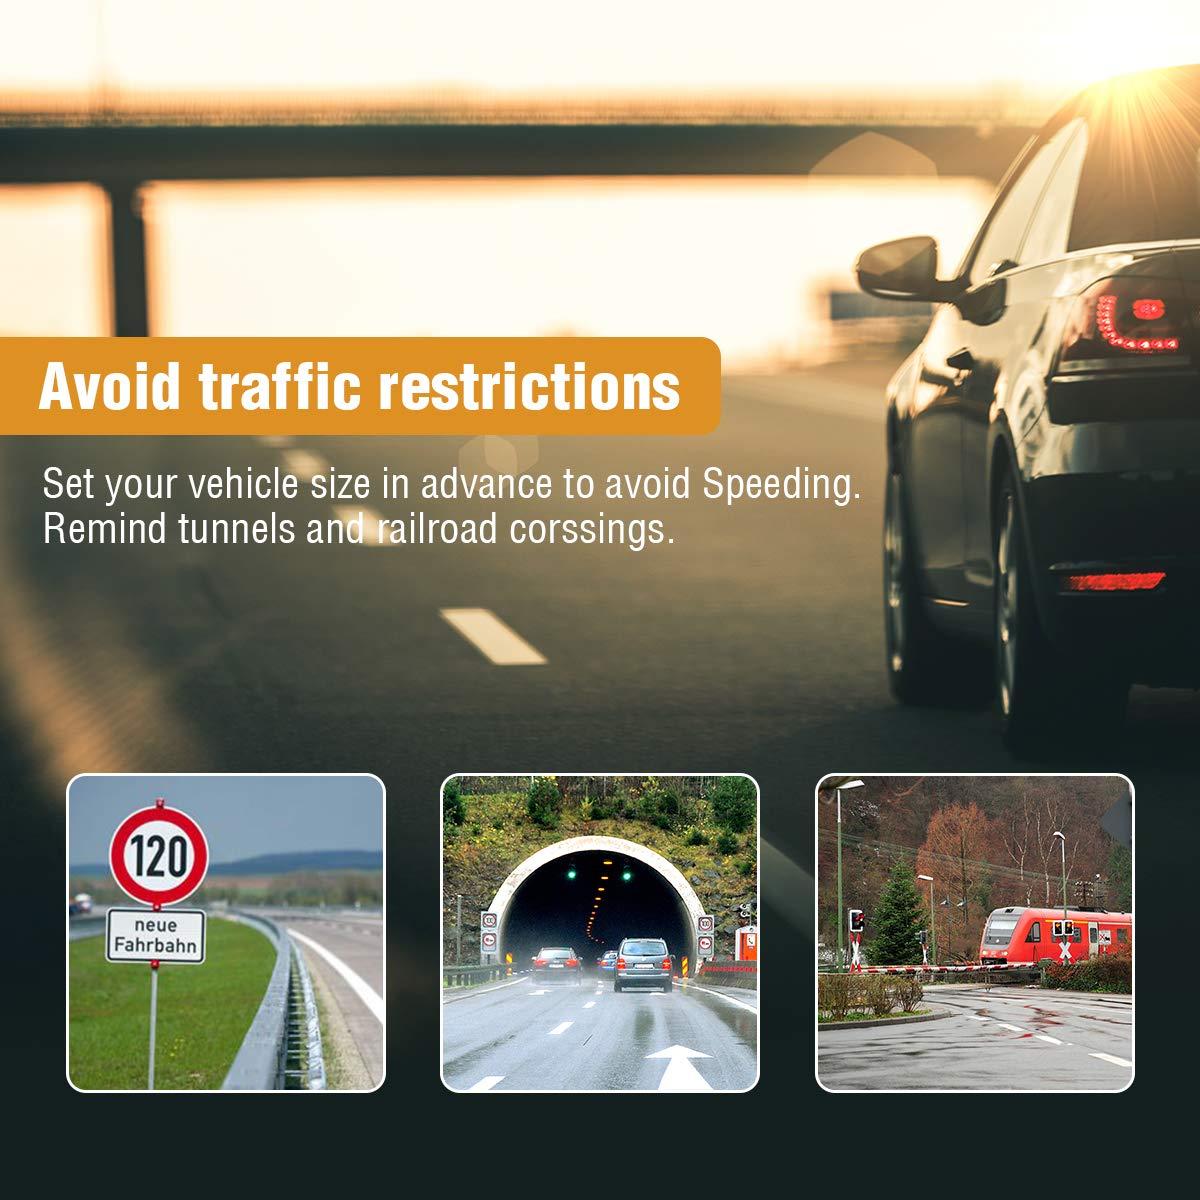 Tvird GPS Auto du Europe 9 Pouces Navi Appareil de Navigation avec mises /à Jour de Carte /à Vie Gratuite Toute leurope pour lautobus de Voiture /Écran Tactile de Voiture Navigation multilingue